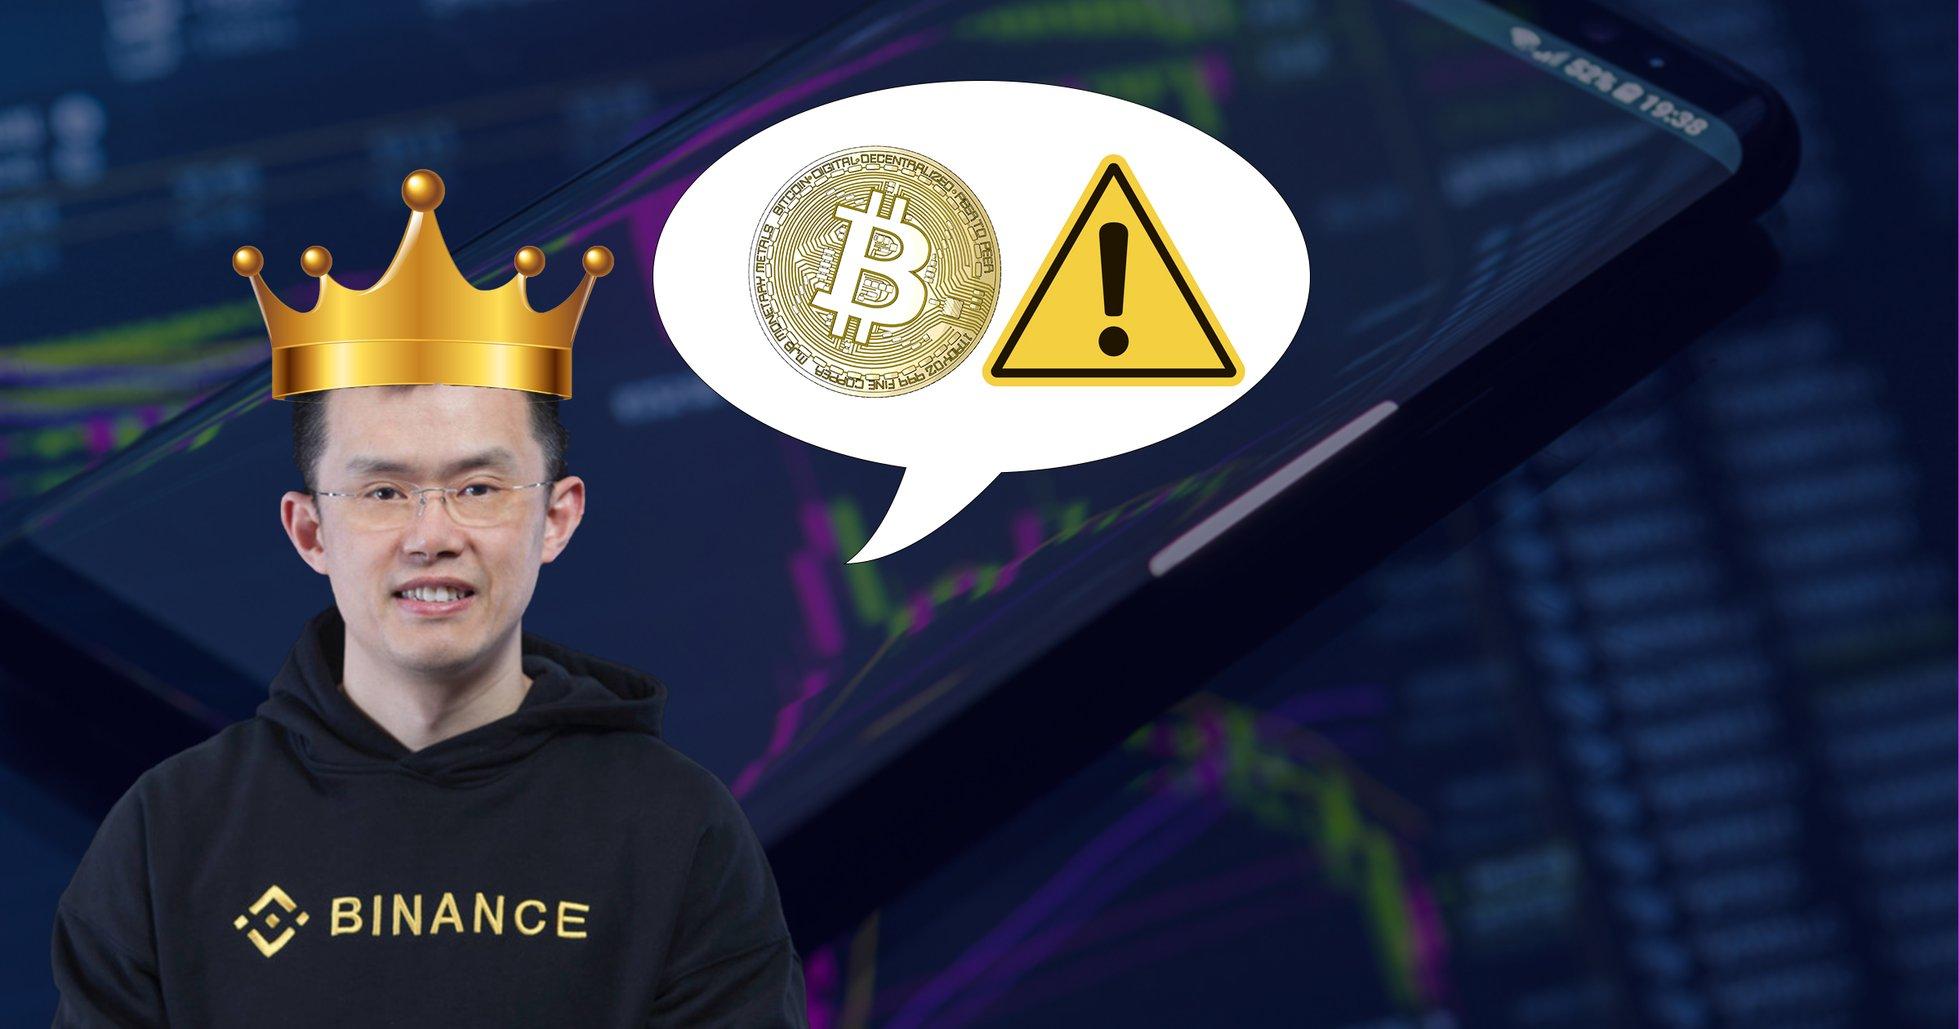 Kryptokungens varning: Bitcoin-priset kan bli ännu mer volatilt